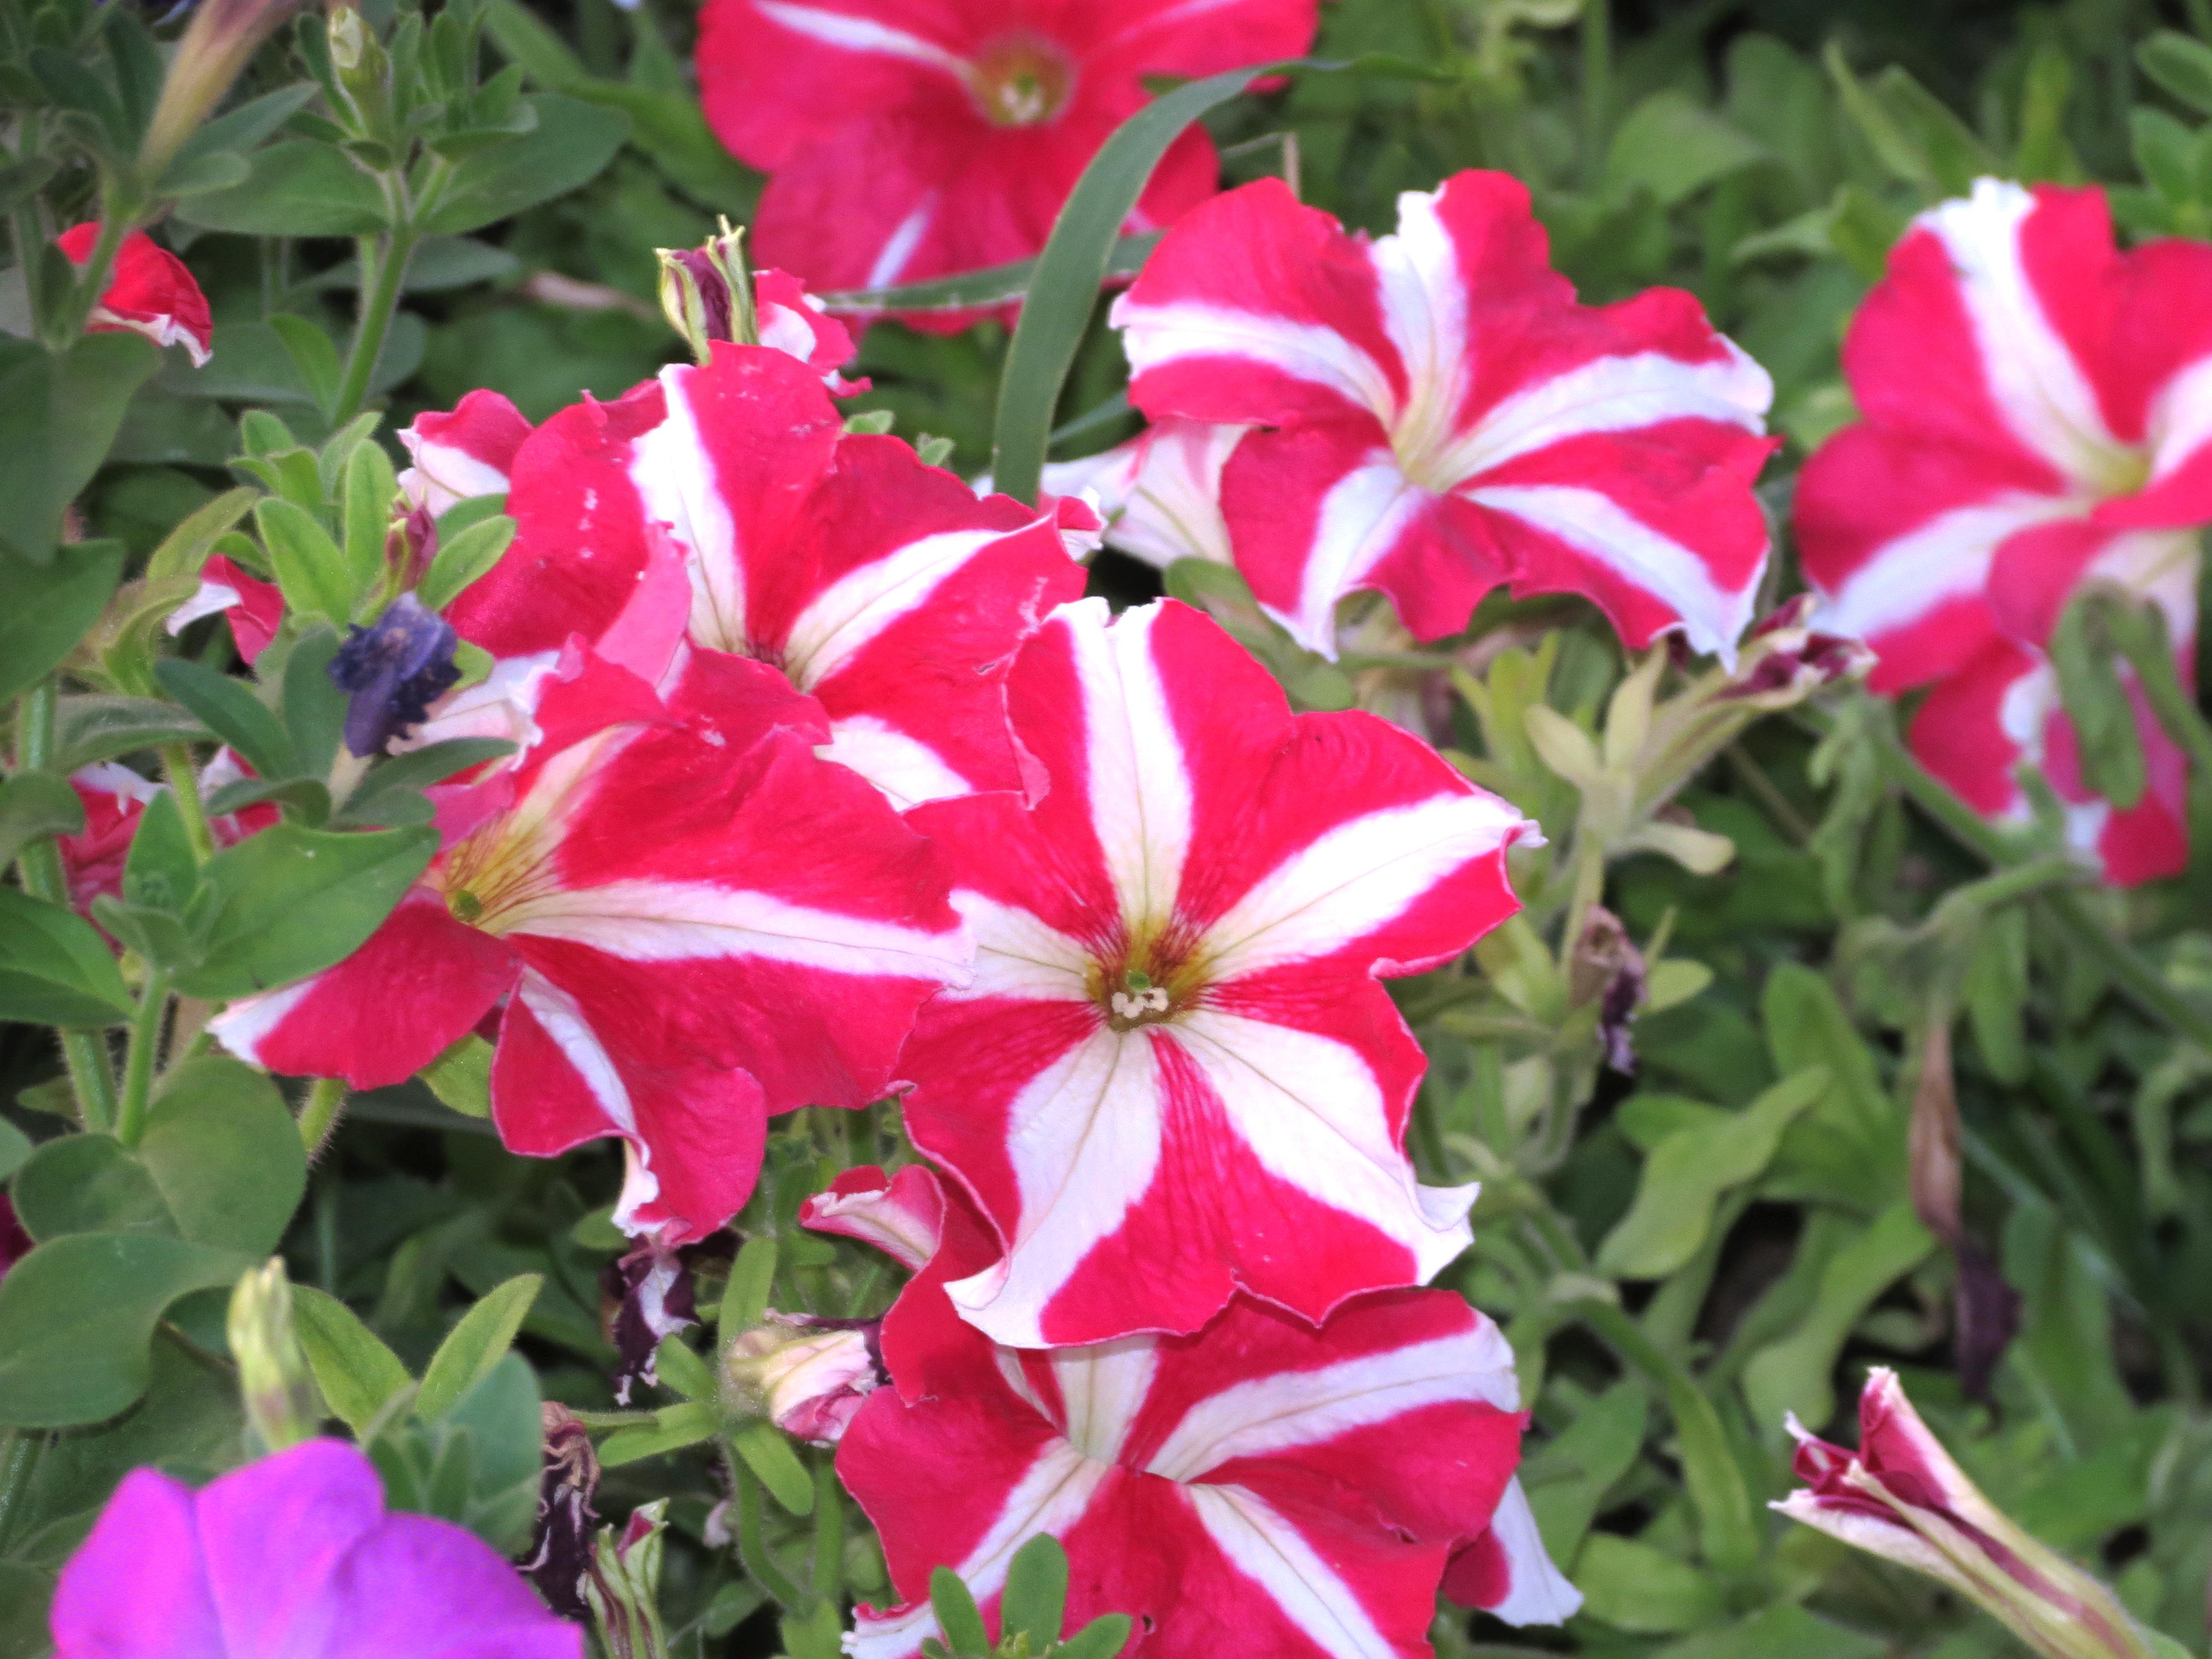 Бело-розовые цветы, обои для рабочего стола, фотография высокого разрешения